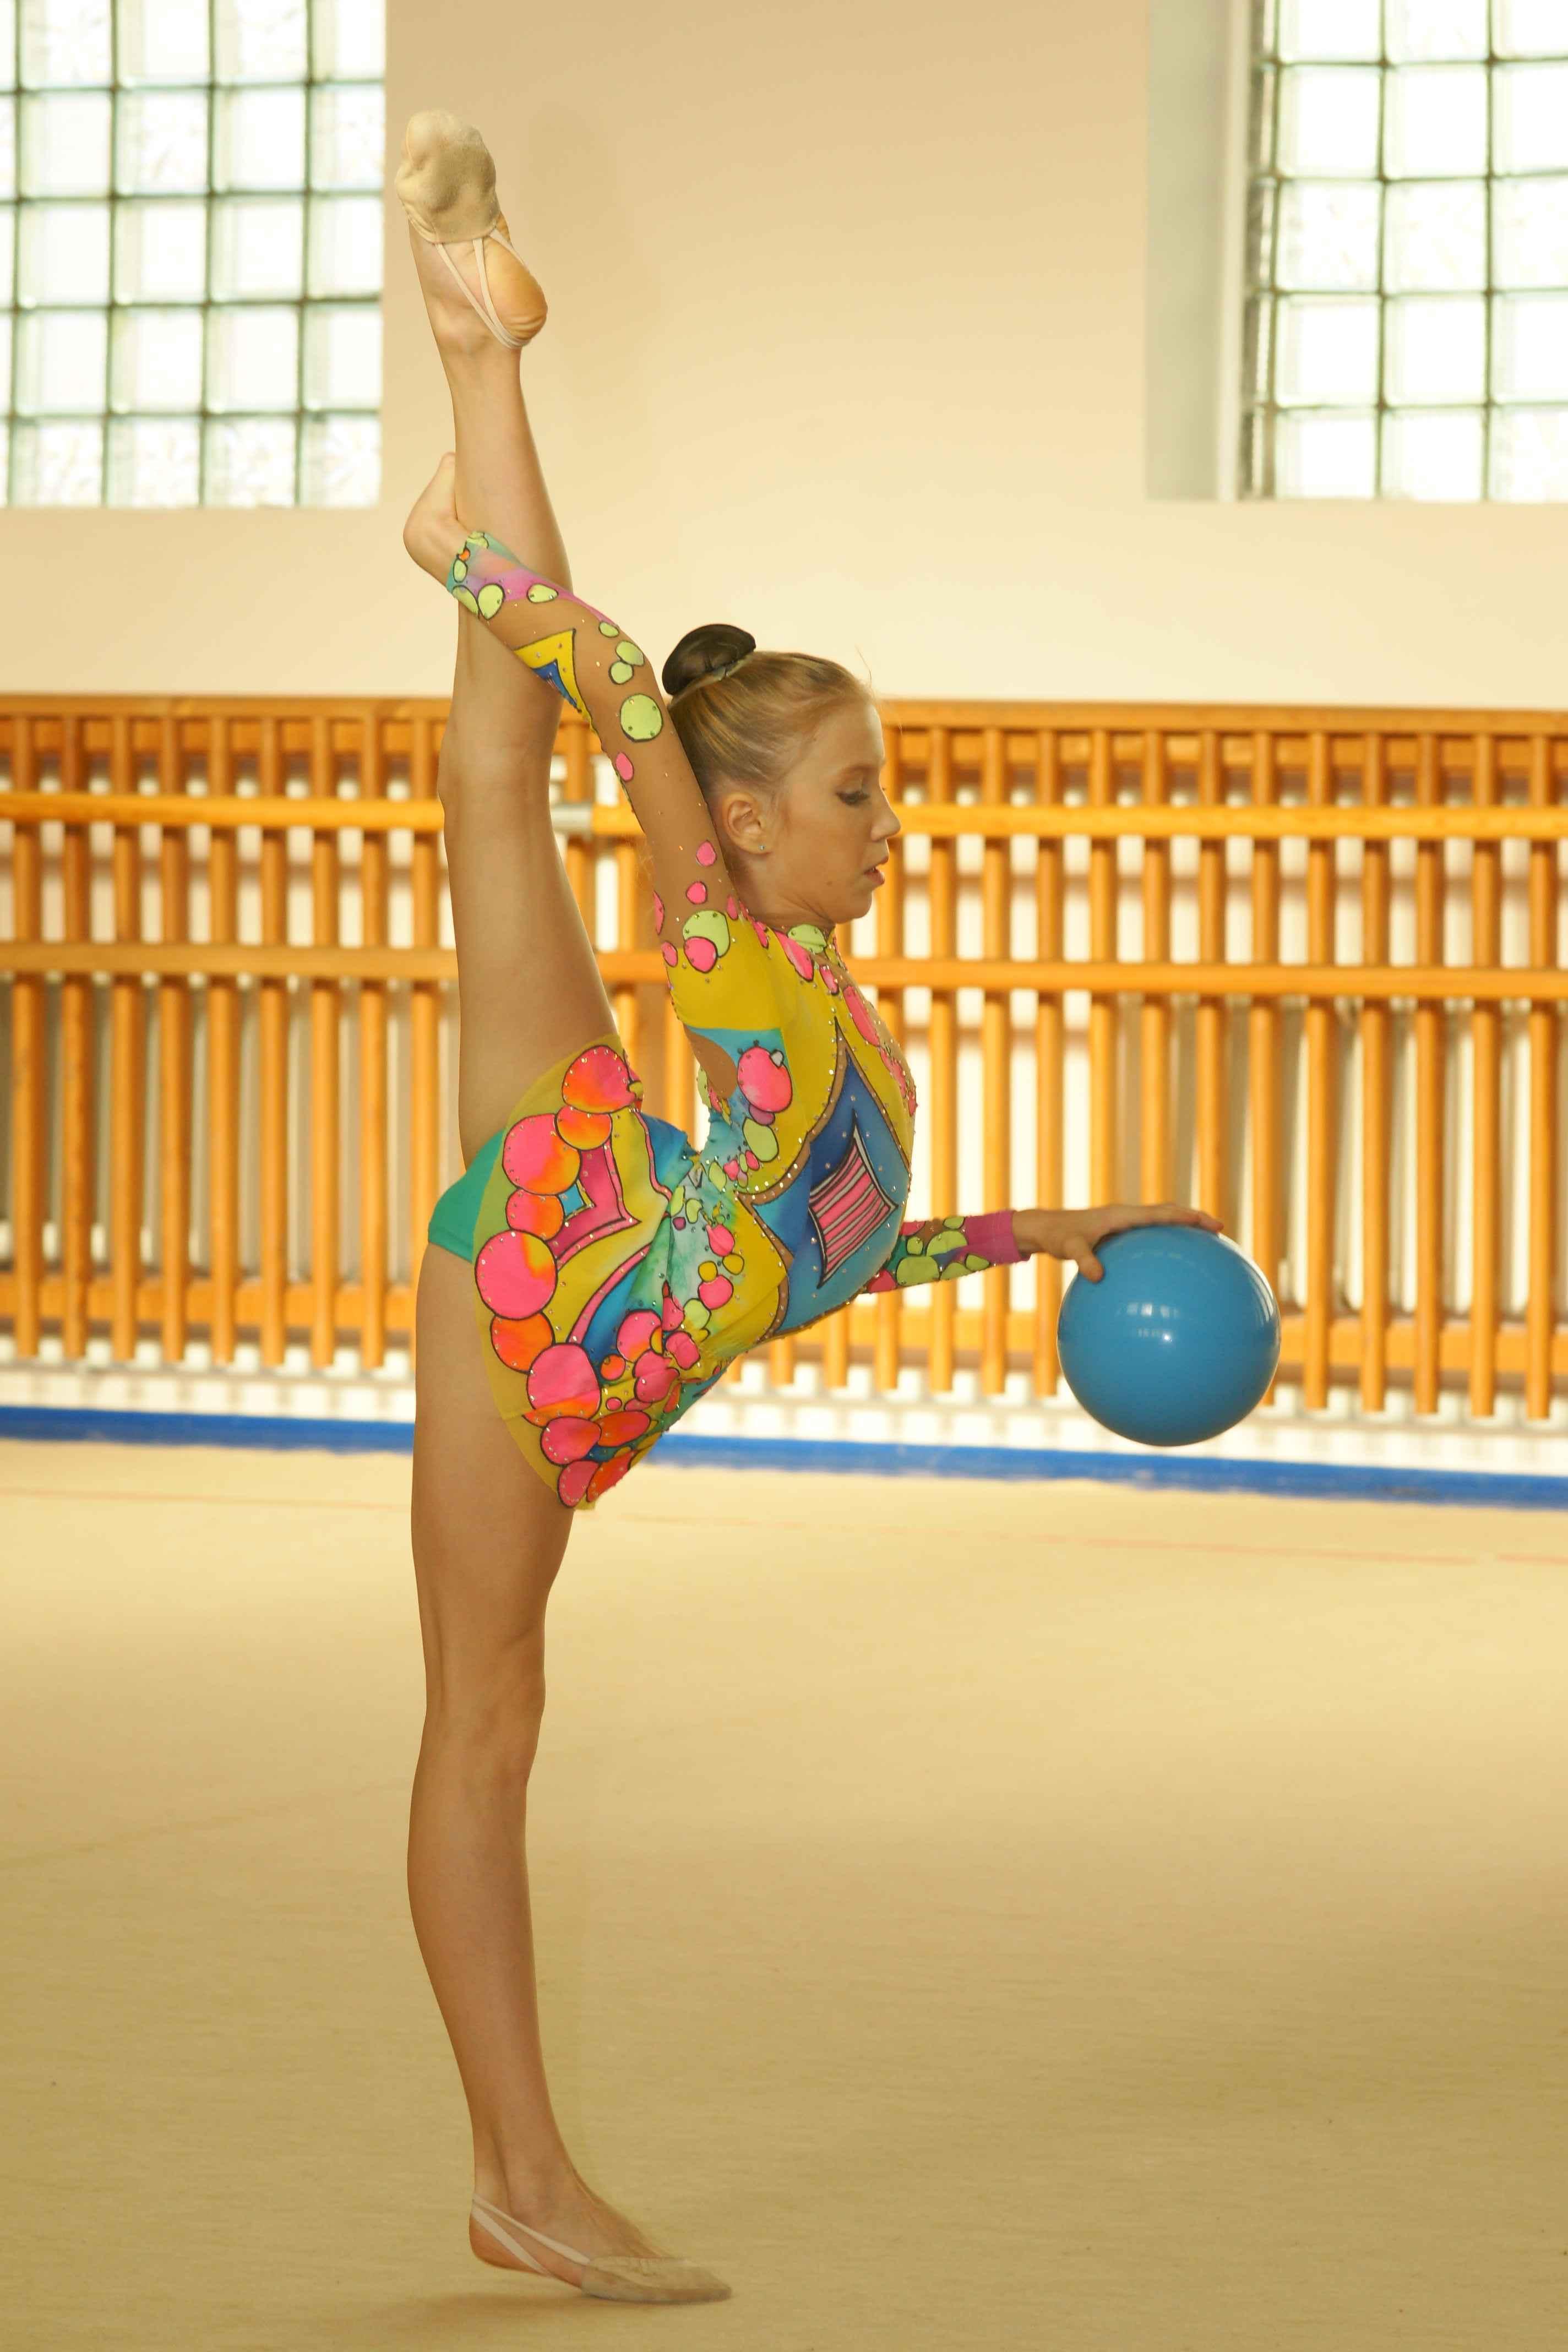 Художественная гимнастика фото ню 14 фотография